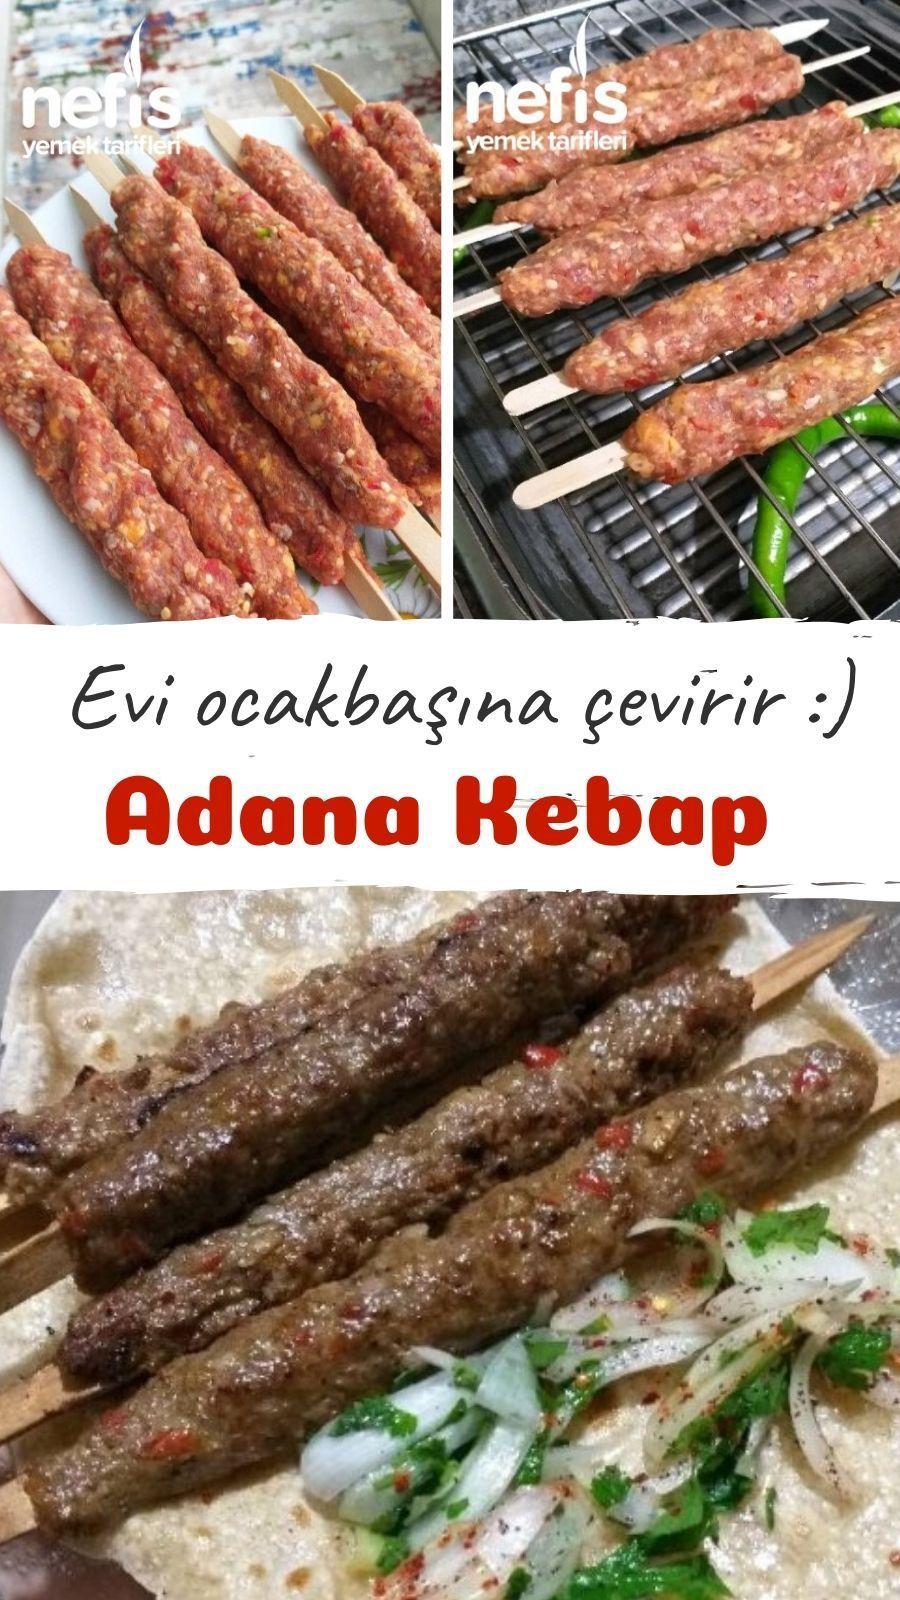 Evde Adana (Köfte) Kebabı Tarifi nasıl yapılır? 4.707 kişinin defterindeki bu tarifin resimli anlatımı ve deneyenlerin fotoğrafları burada.